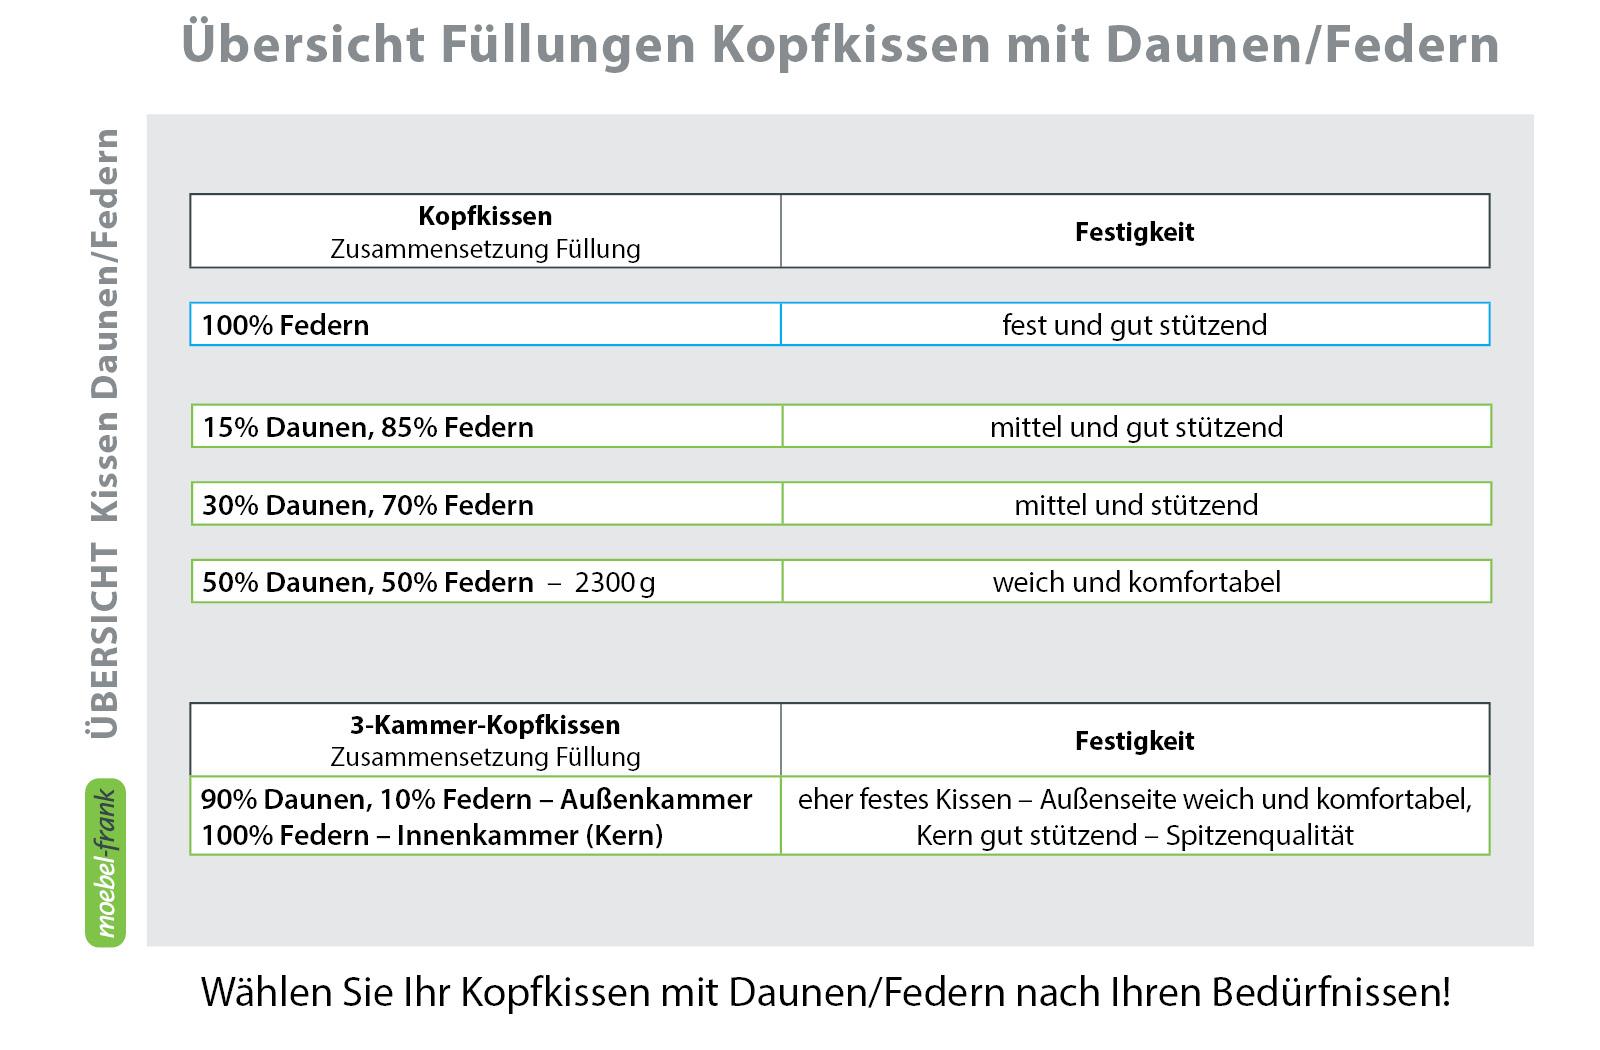 3-Kammer Kopfkissen Premium Kissen Daunen Federn Klasse 1 40x80 Carla – Bild 3